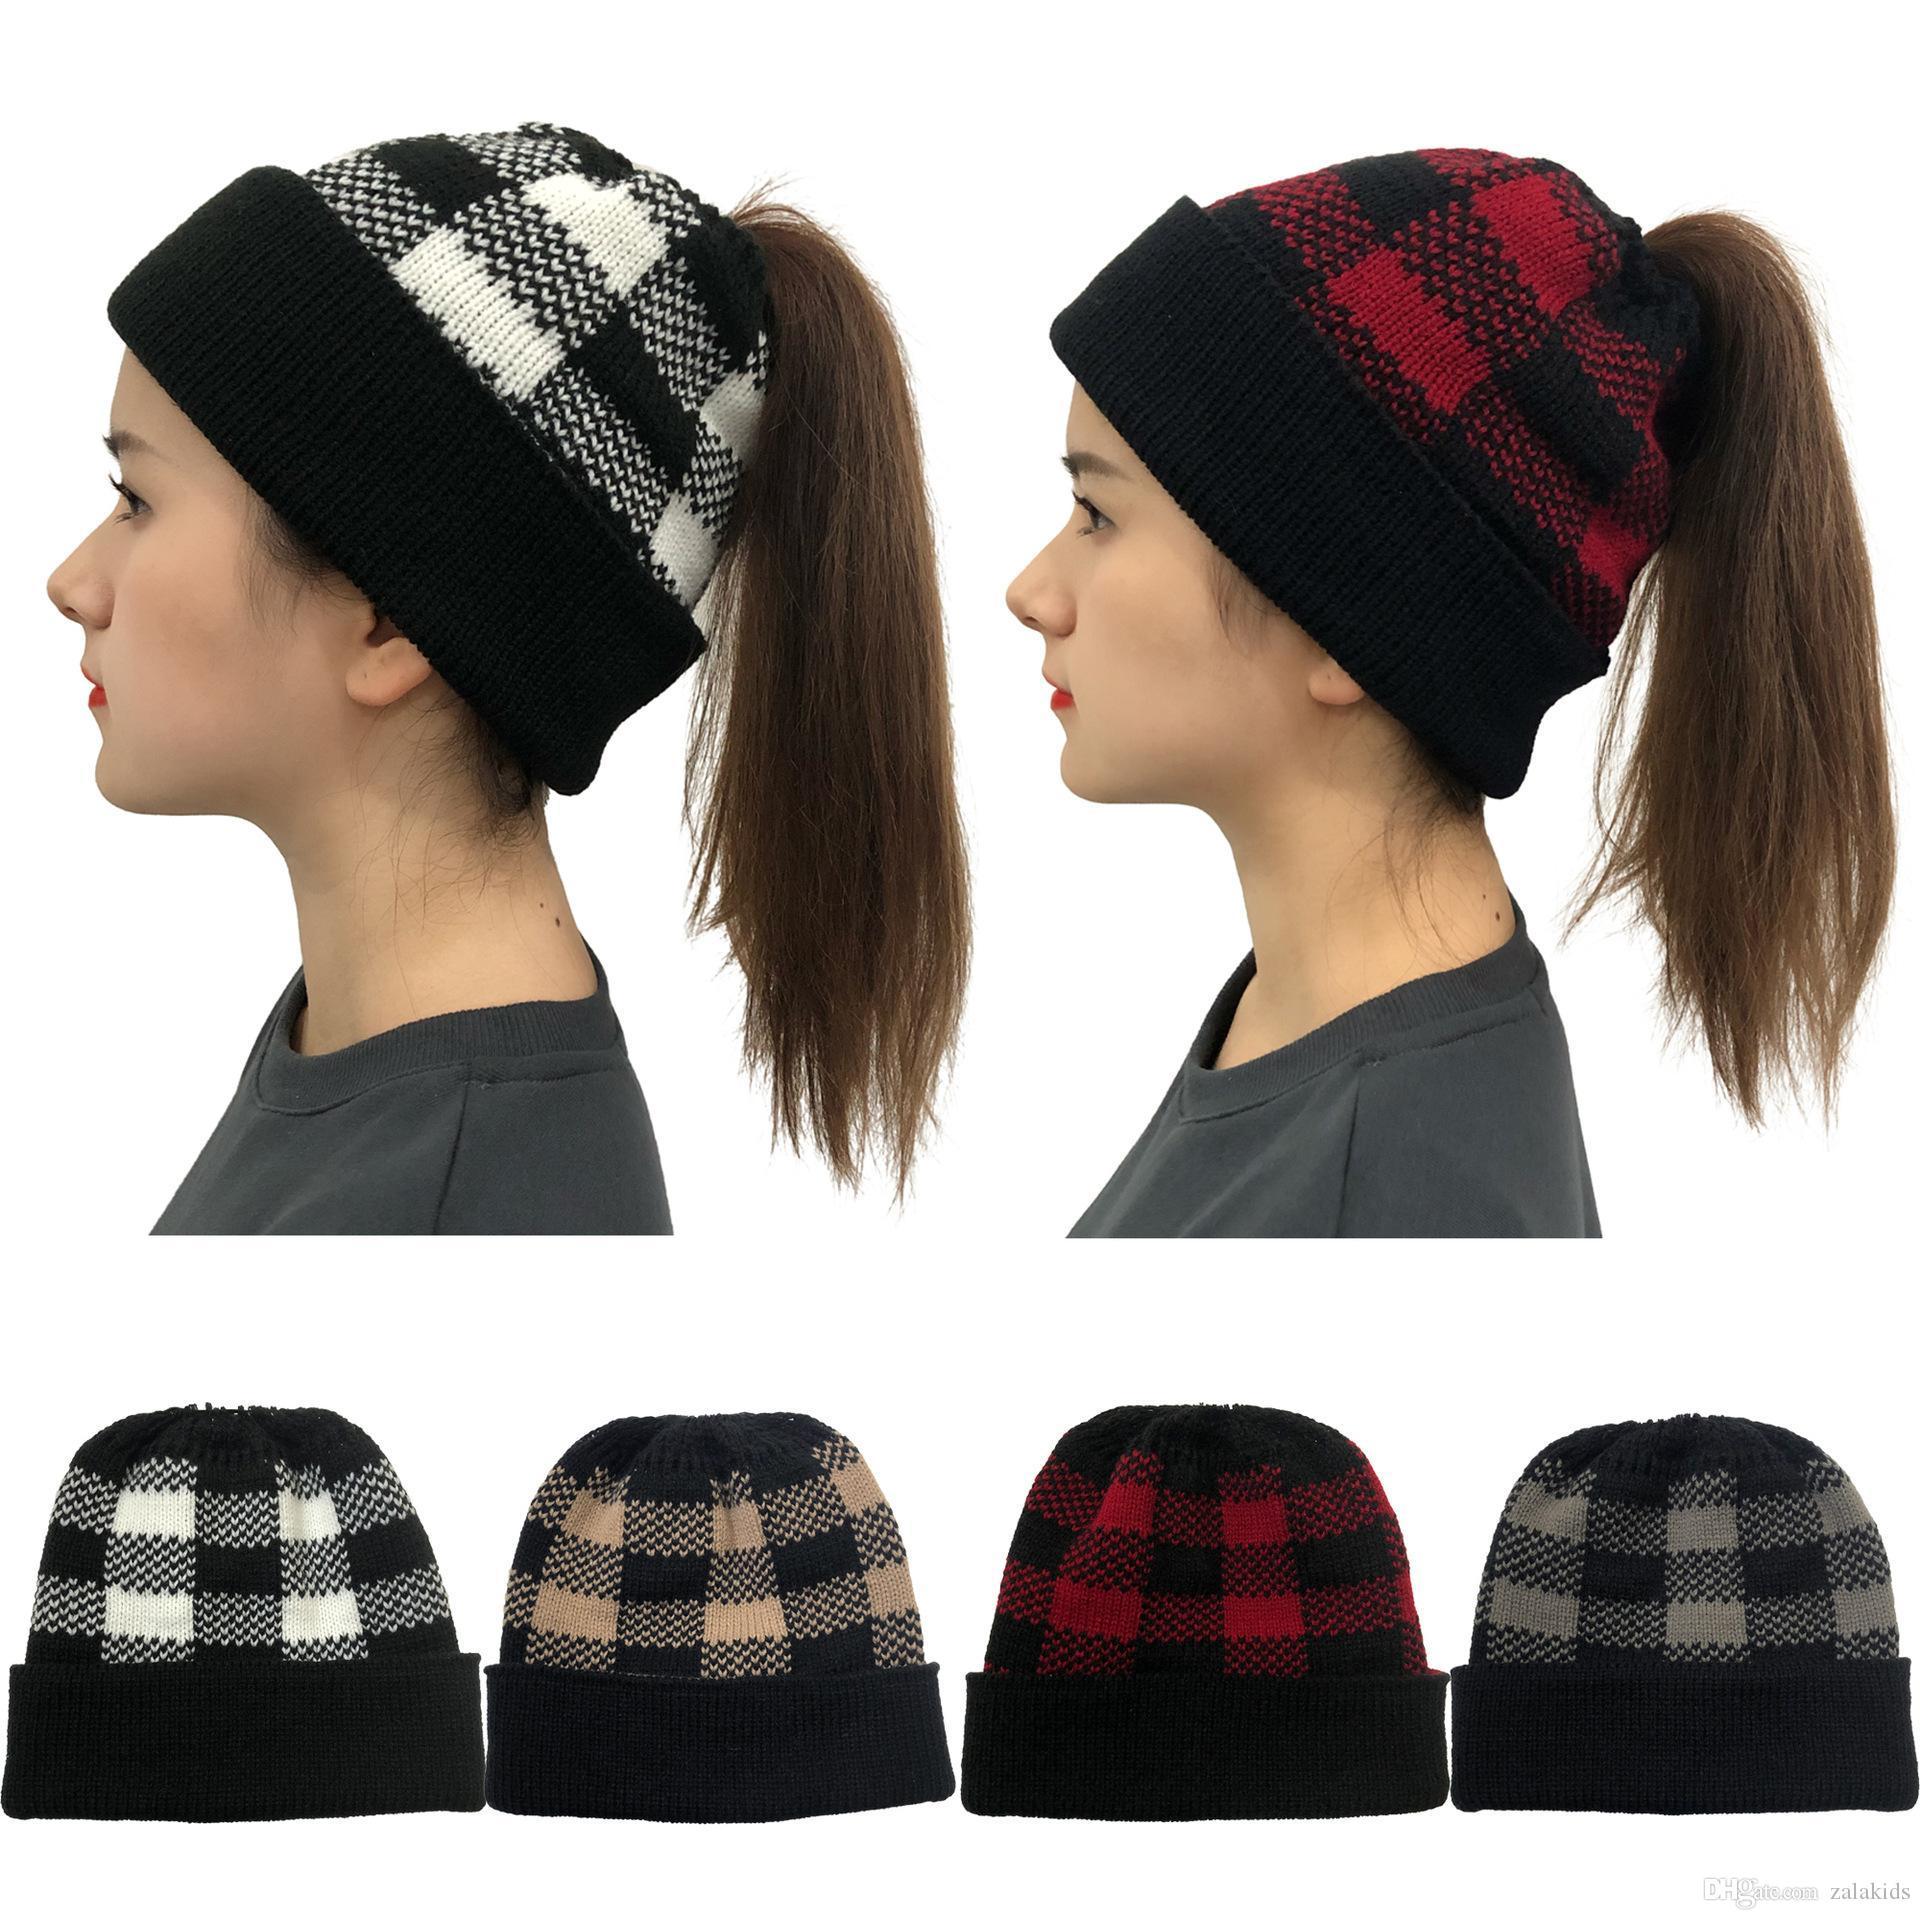 Caliente de la moda de invierno de punto tela escocesa Mujer del sombrero de béisbol cola de caballo Crochet el casquillo del cráneo Señora al aire libre Compruebe Caps esquí fiesta de Navidad Sombreros